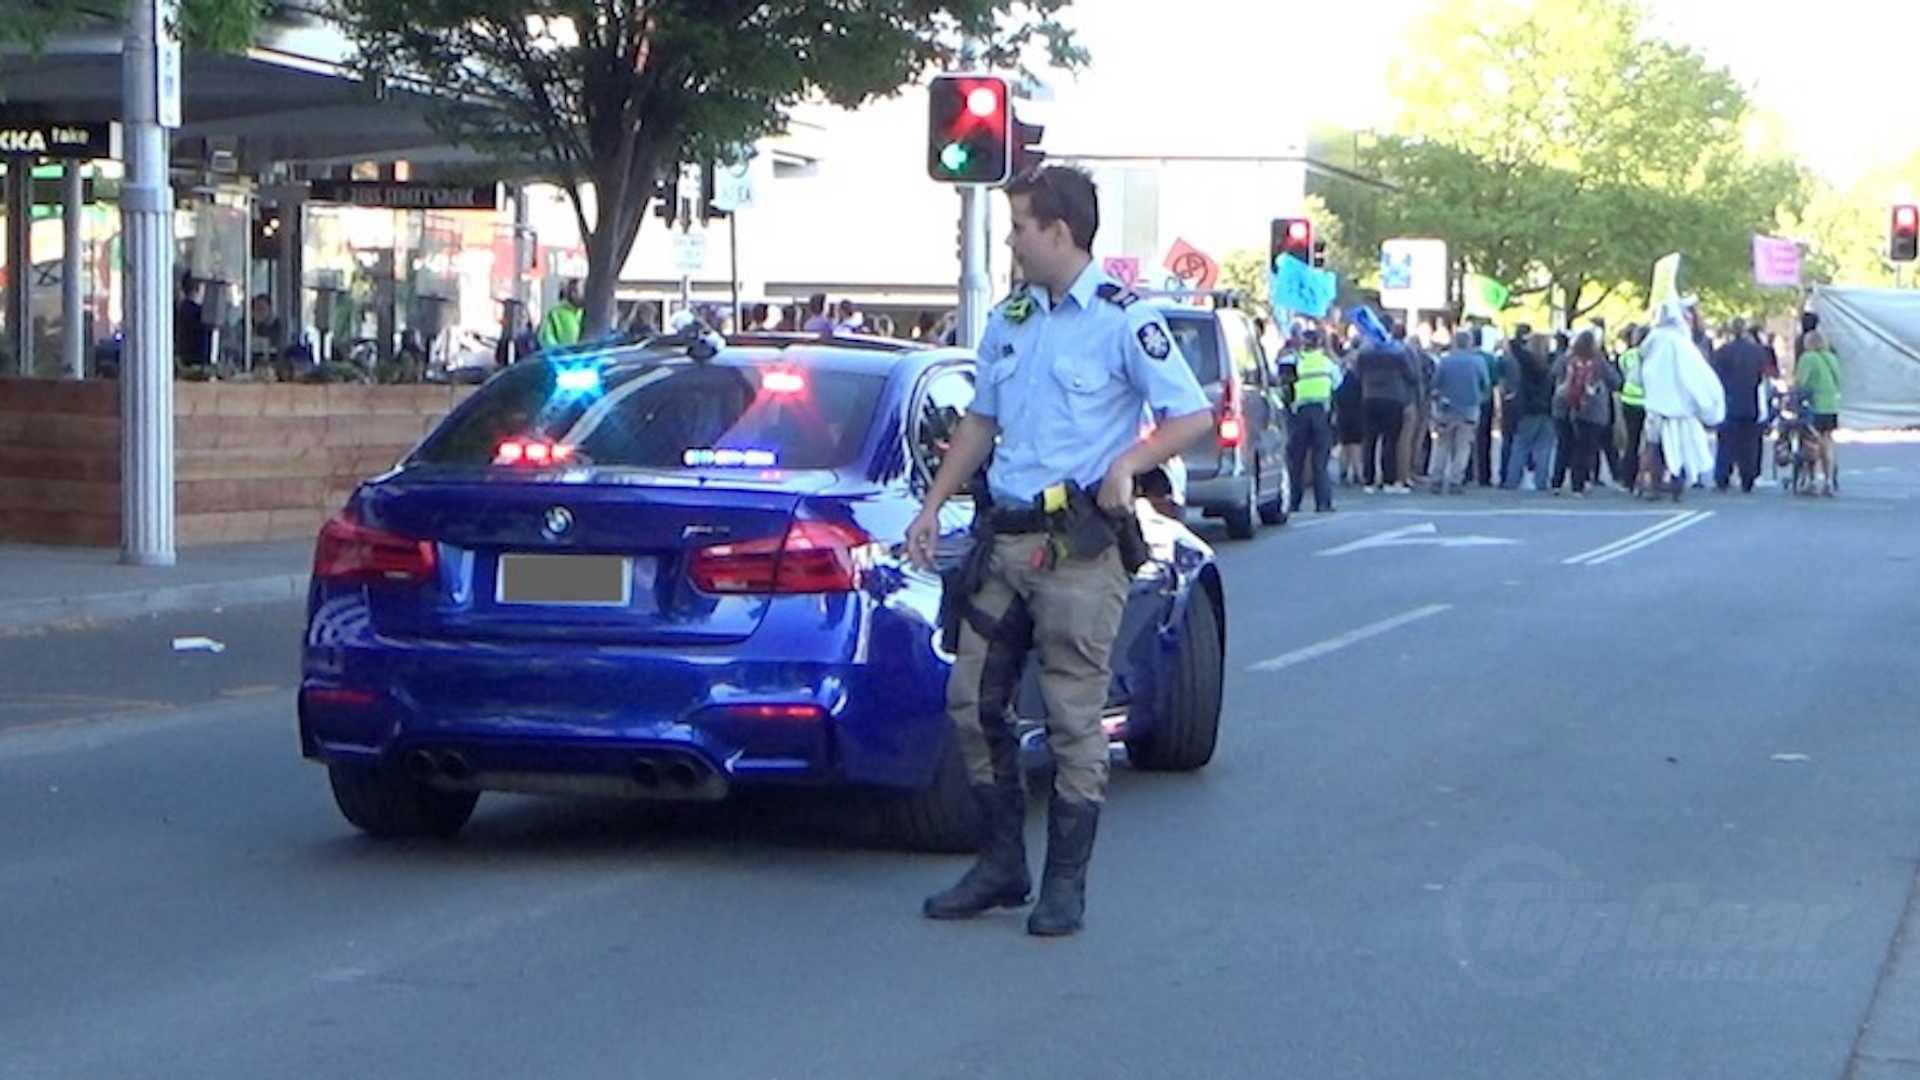 Onopvallende BMW M3-politieauto in Australie